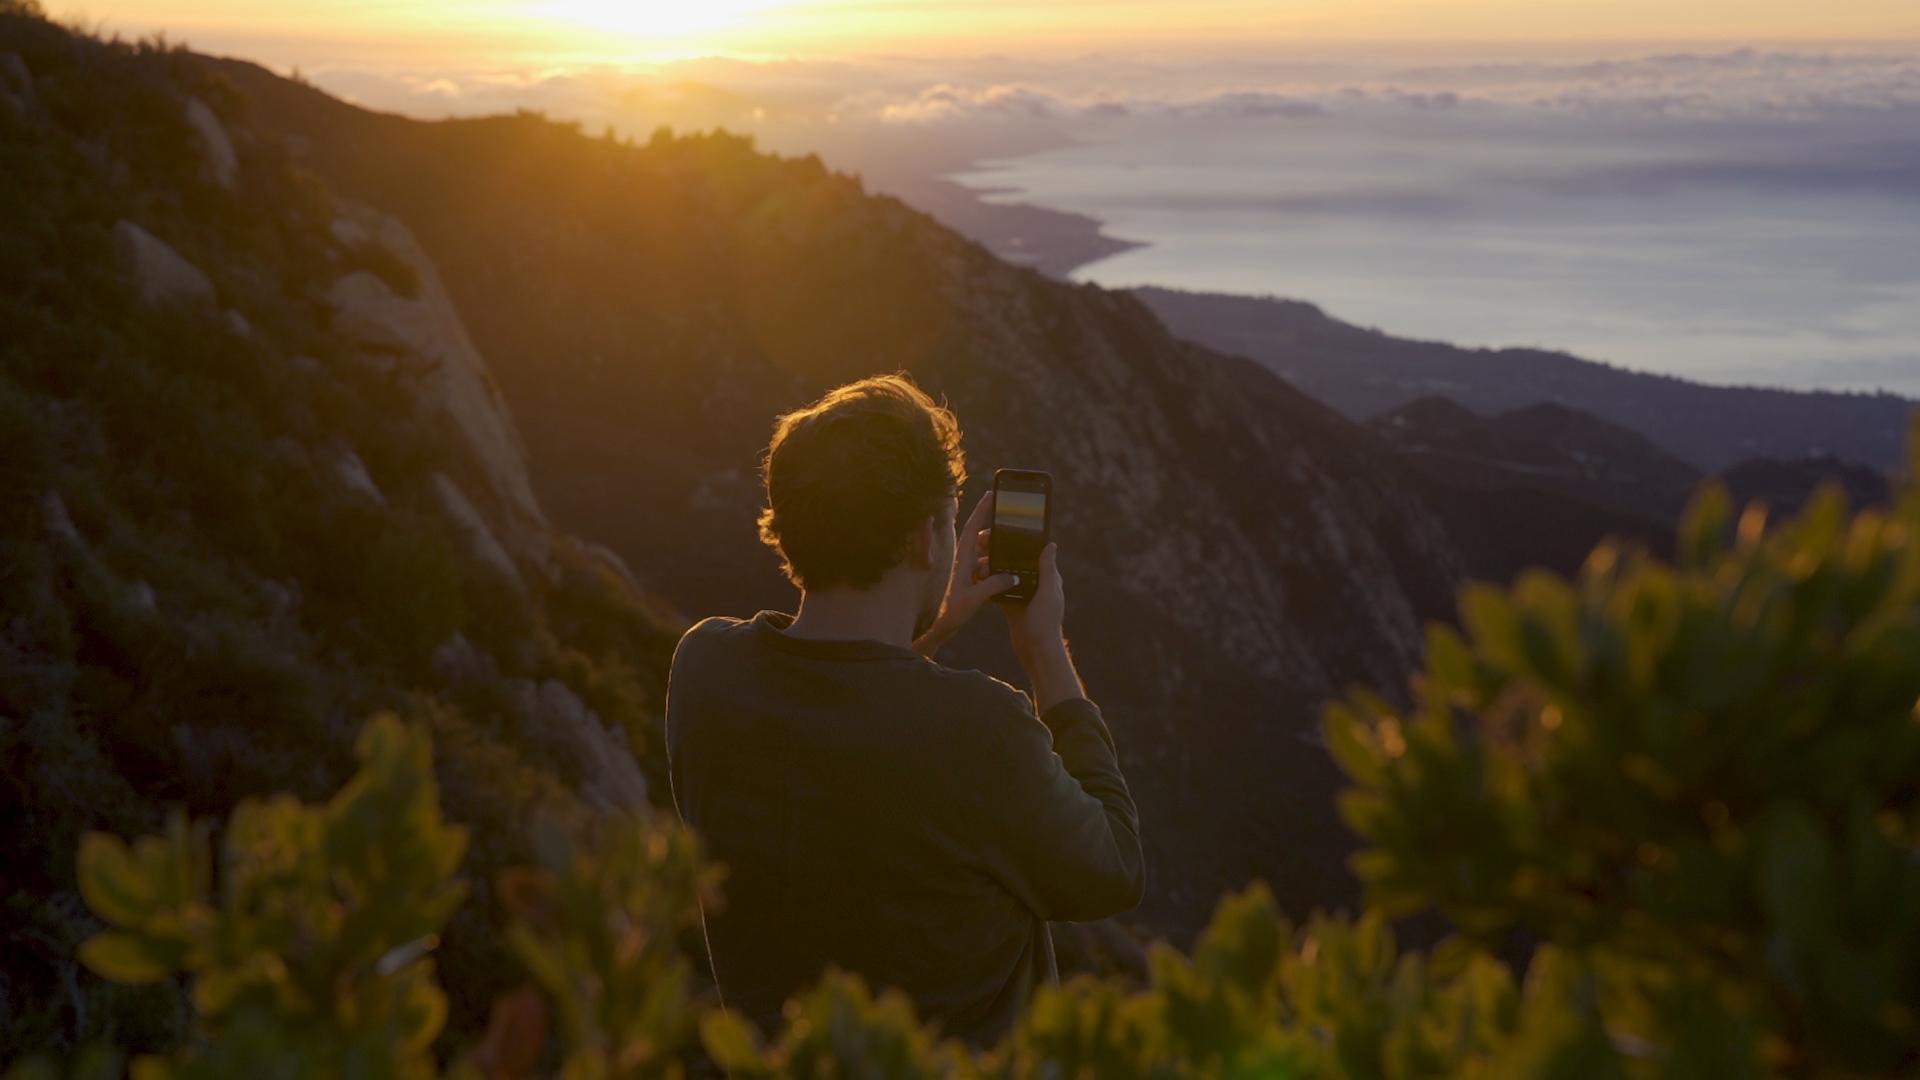 4 Shooting Landscapes 00 07 18 14 Still002